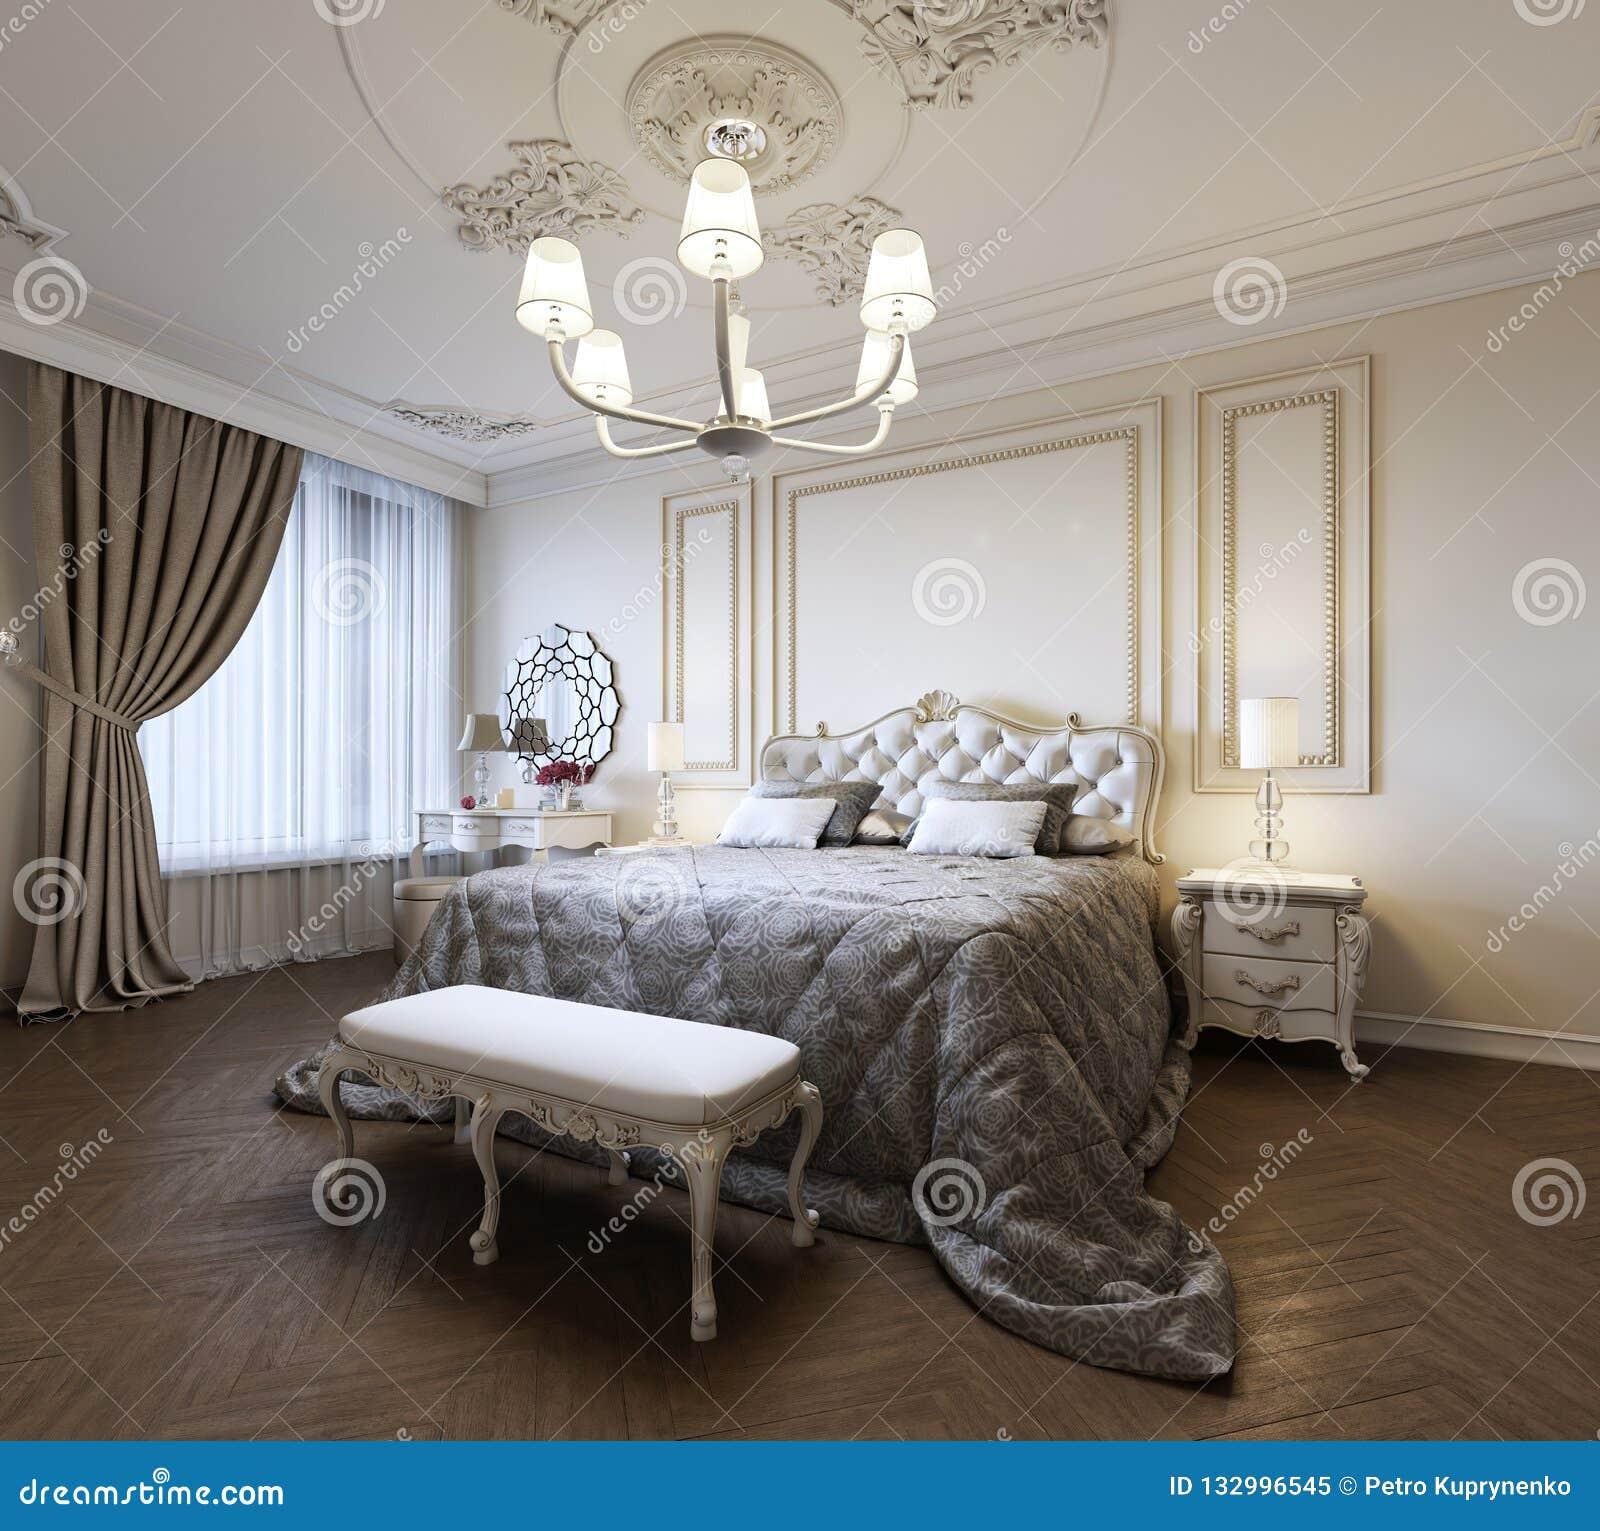 Stedelijk Eigentijds Modern Klassiek Traditioneel Slaapkamer Binnenlands Ontwerp met beige muren, Elegant meubilair en bedlinnen